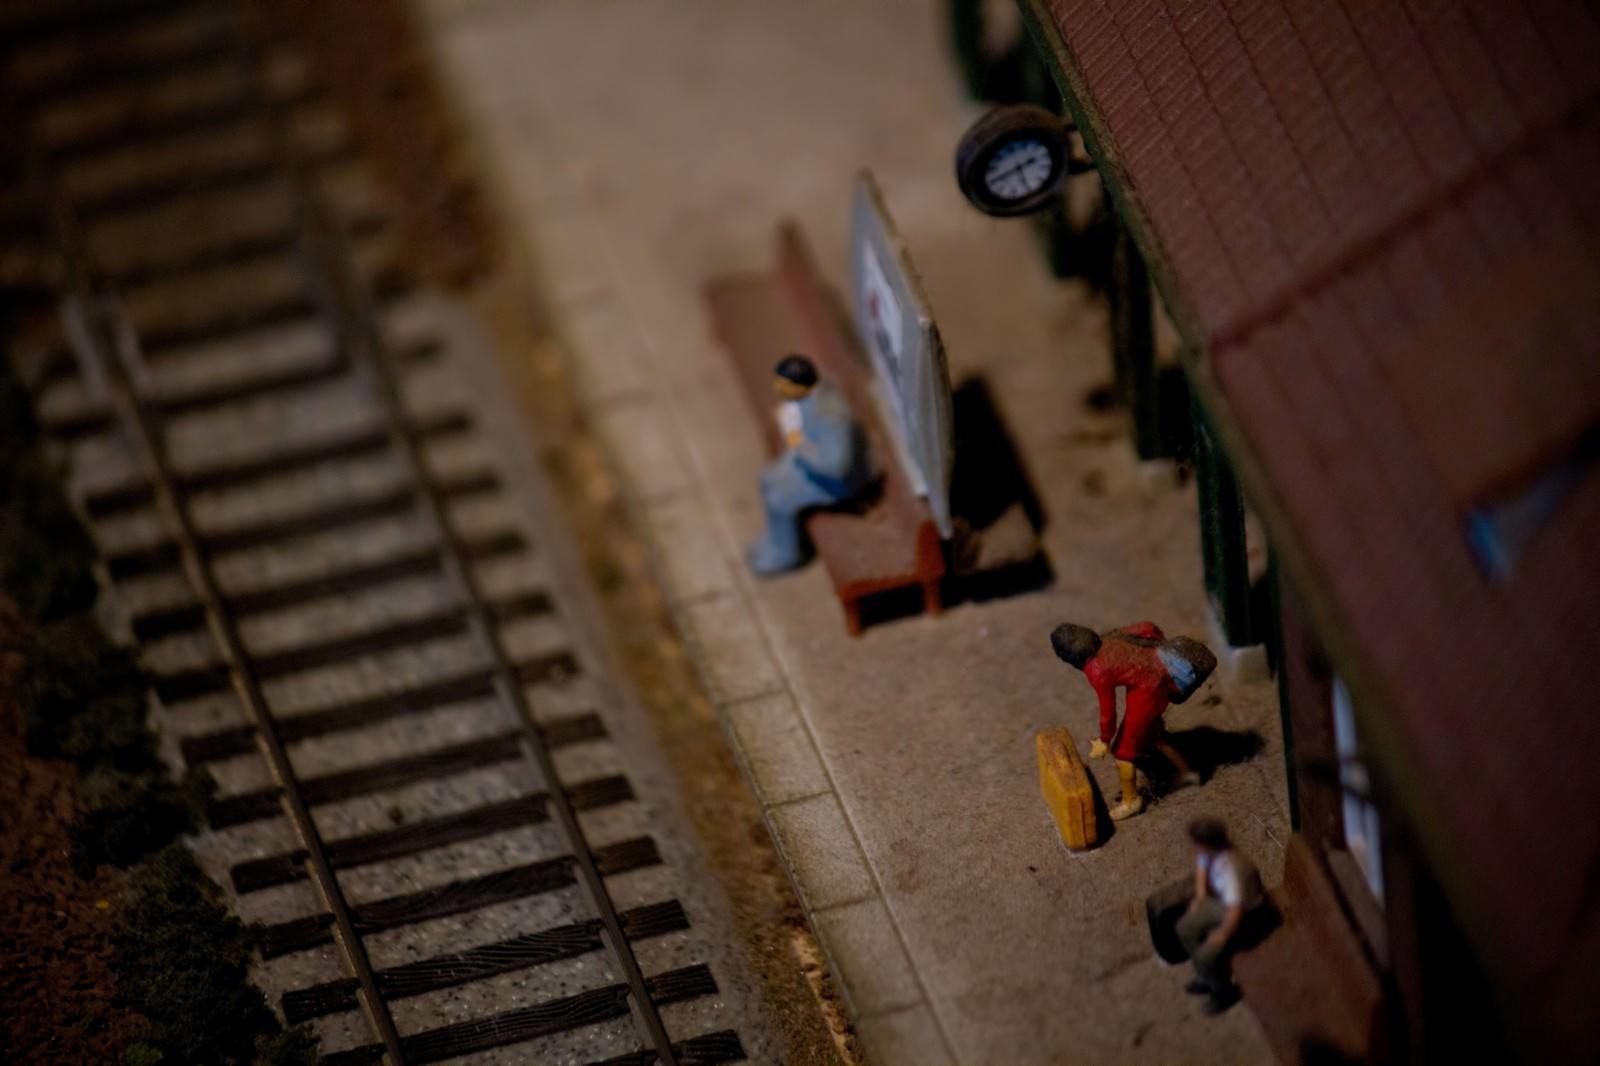 「線路と駅(ミニチュア) | 写真の無料素材・フリー素材 - ぱくたそ」の写真